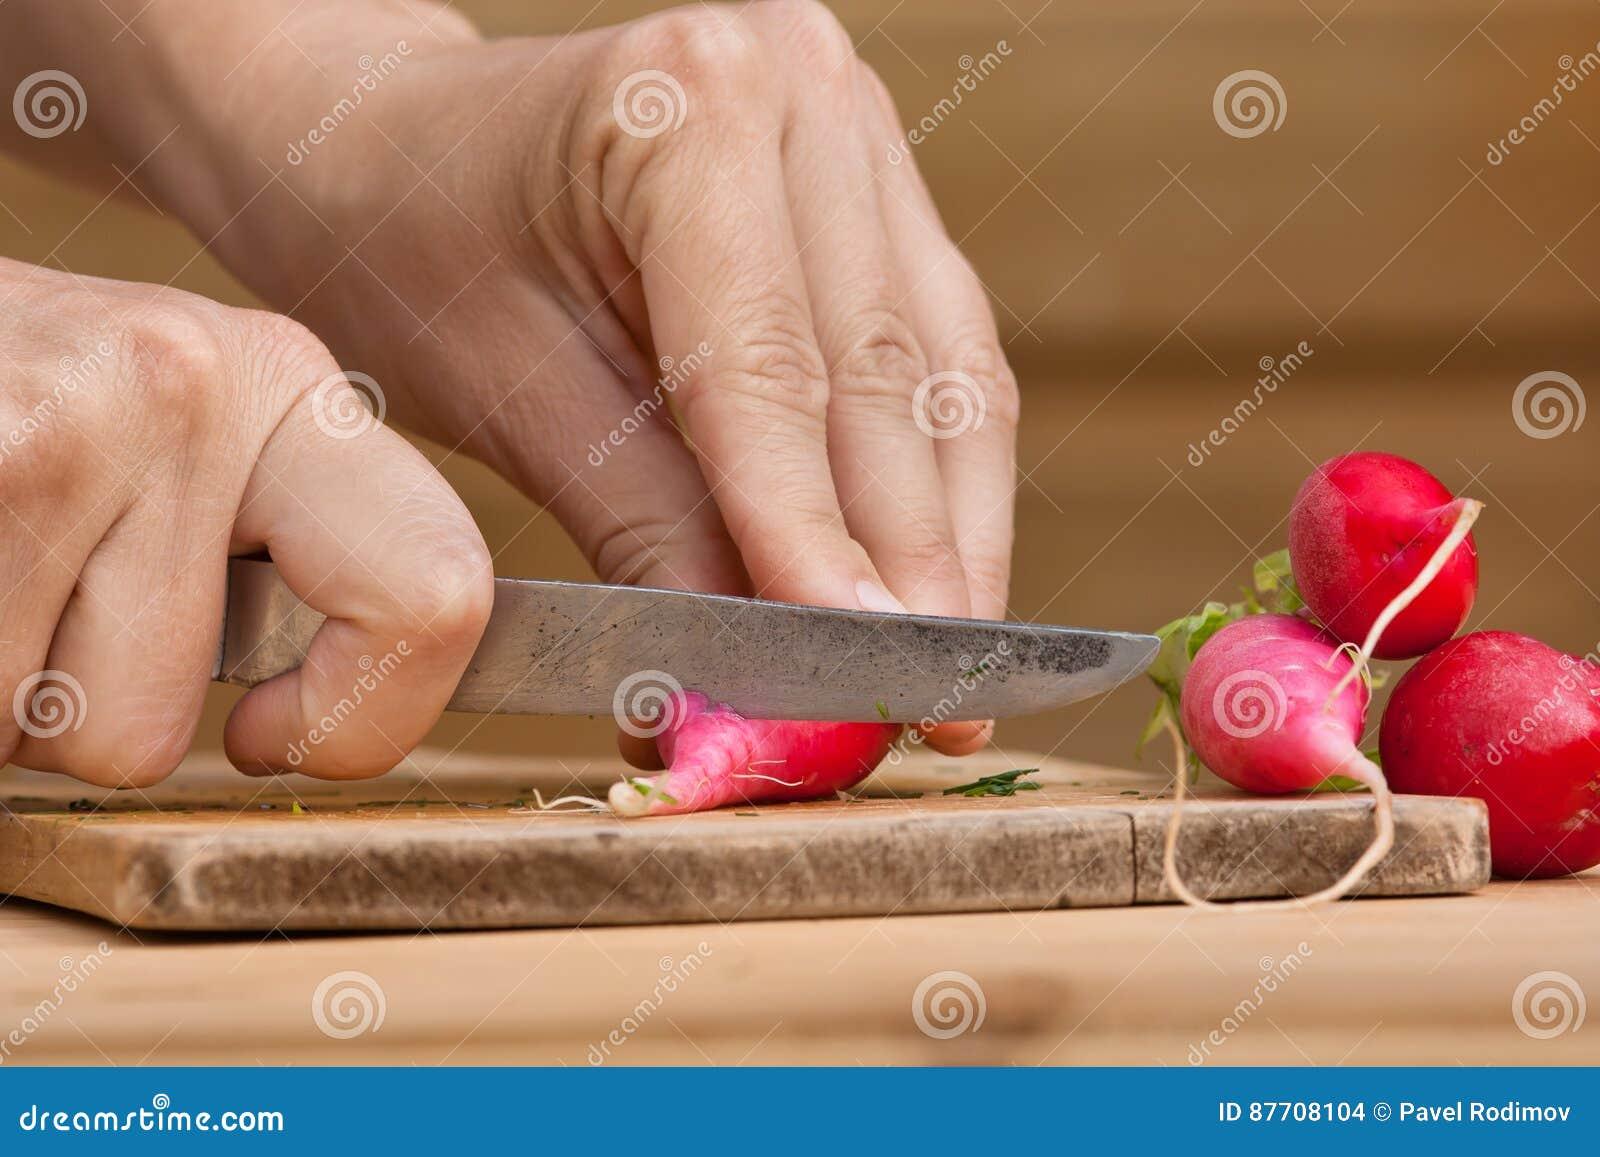 Mains coupant des radis sur le hachoir